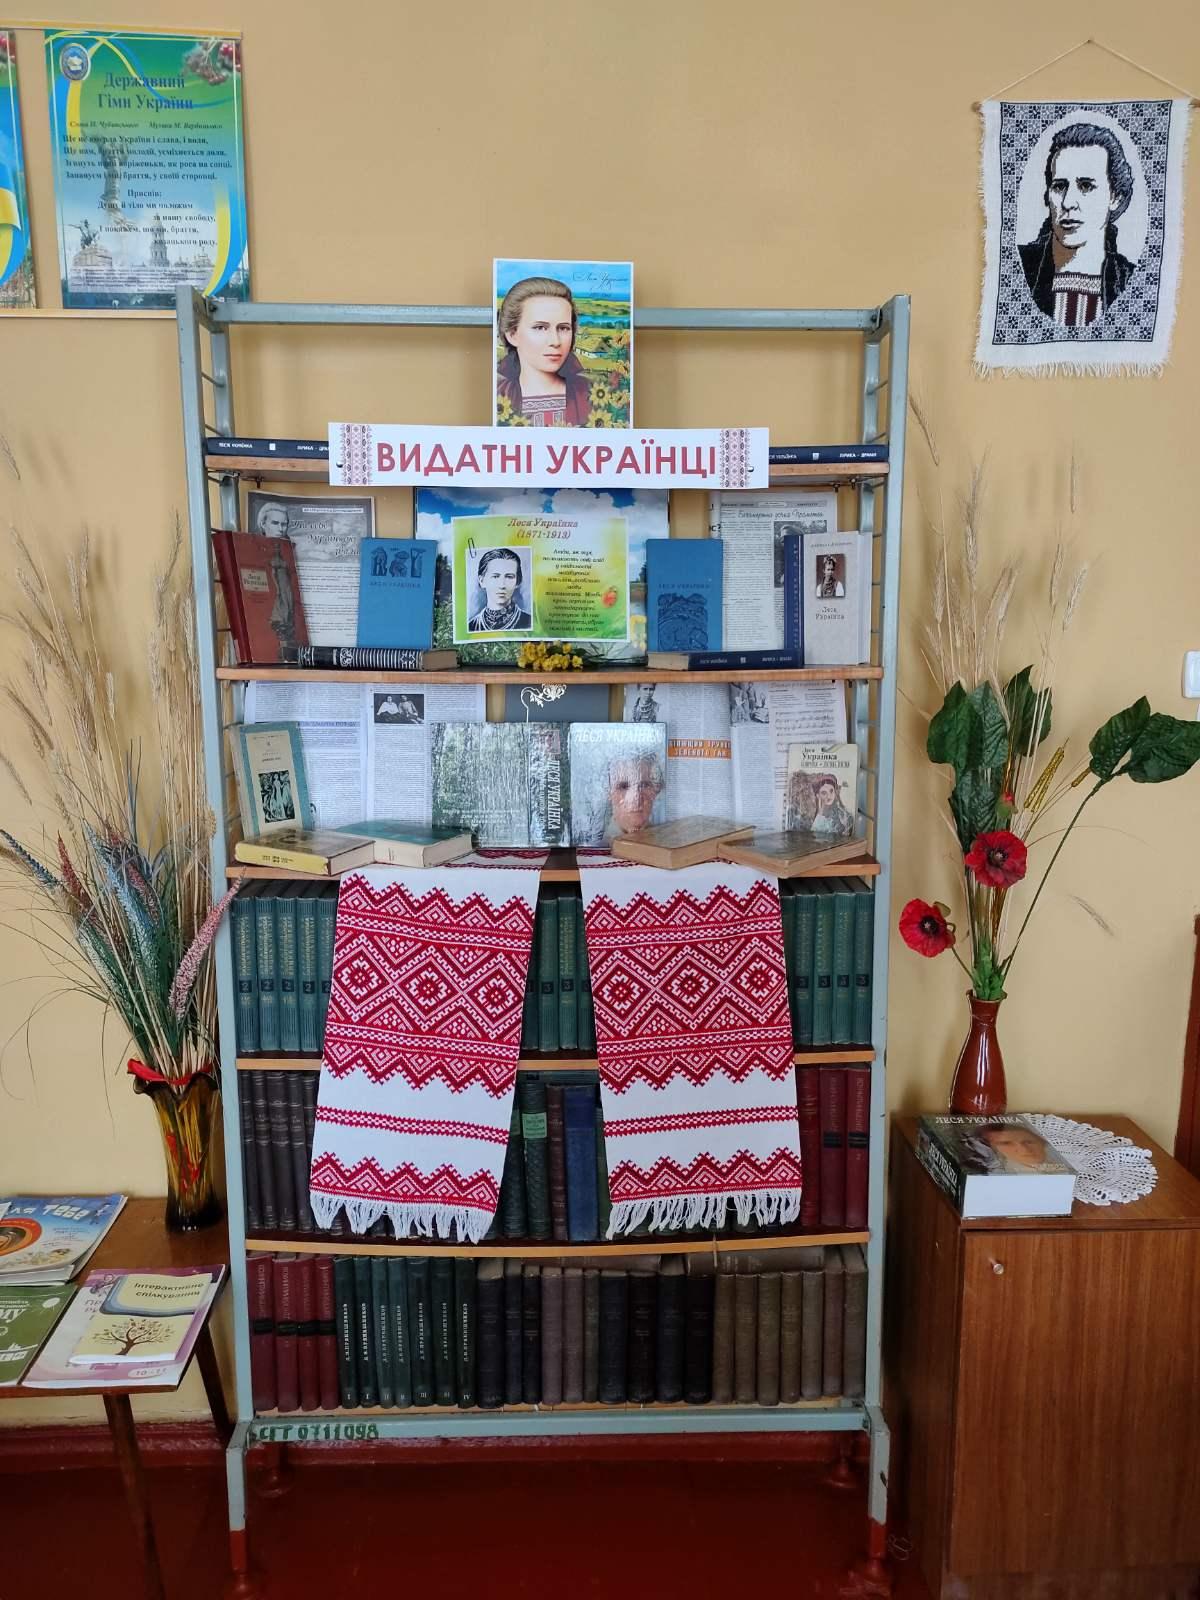 Виставка в бібліотеці коледжу до 150-річчя від дня народження Лесі Українки